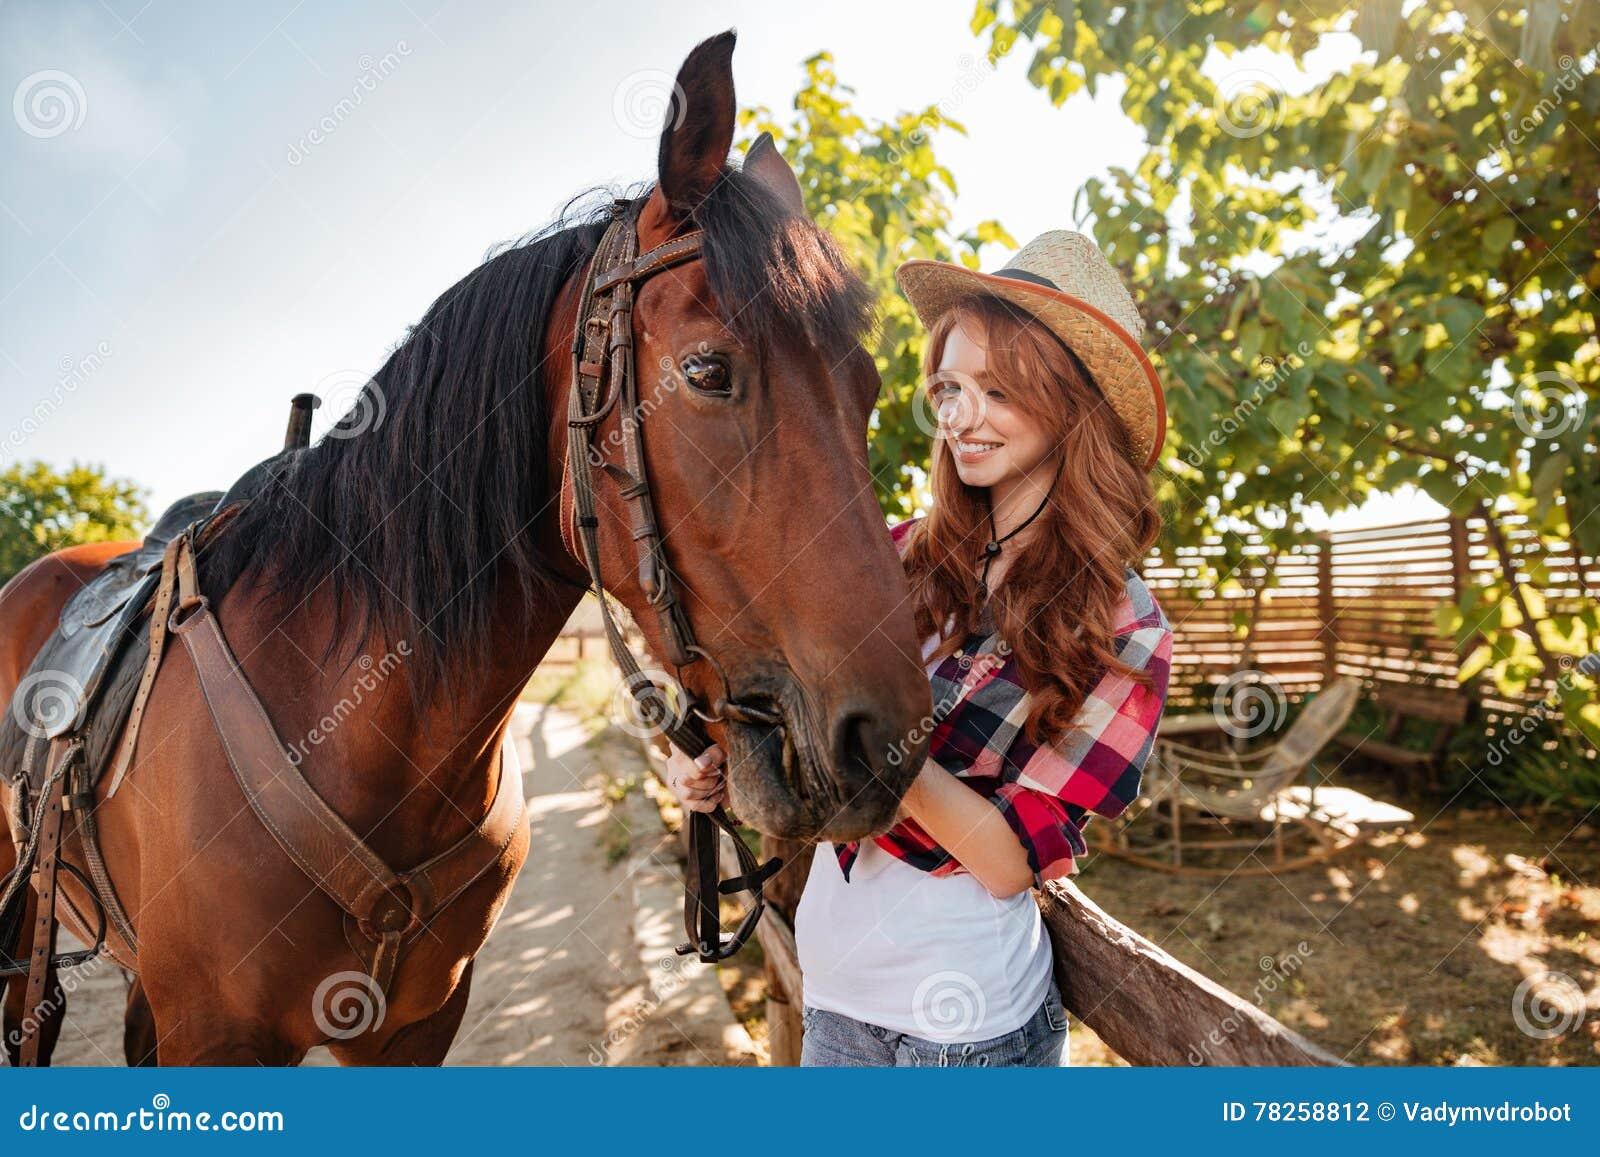 Ευτυχής γυναίκα cowgirl που φροντίζει το άλογό της στο αγρόκτημα